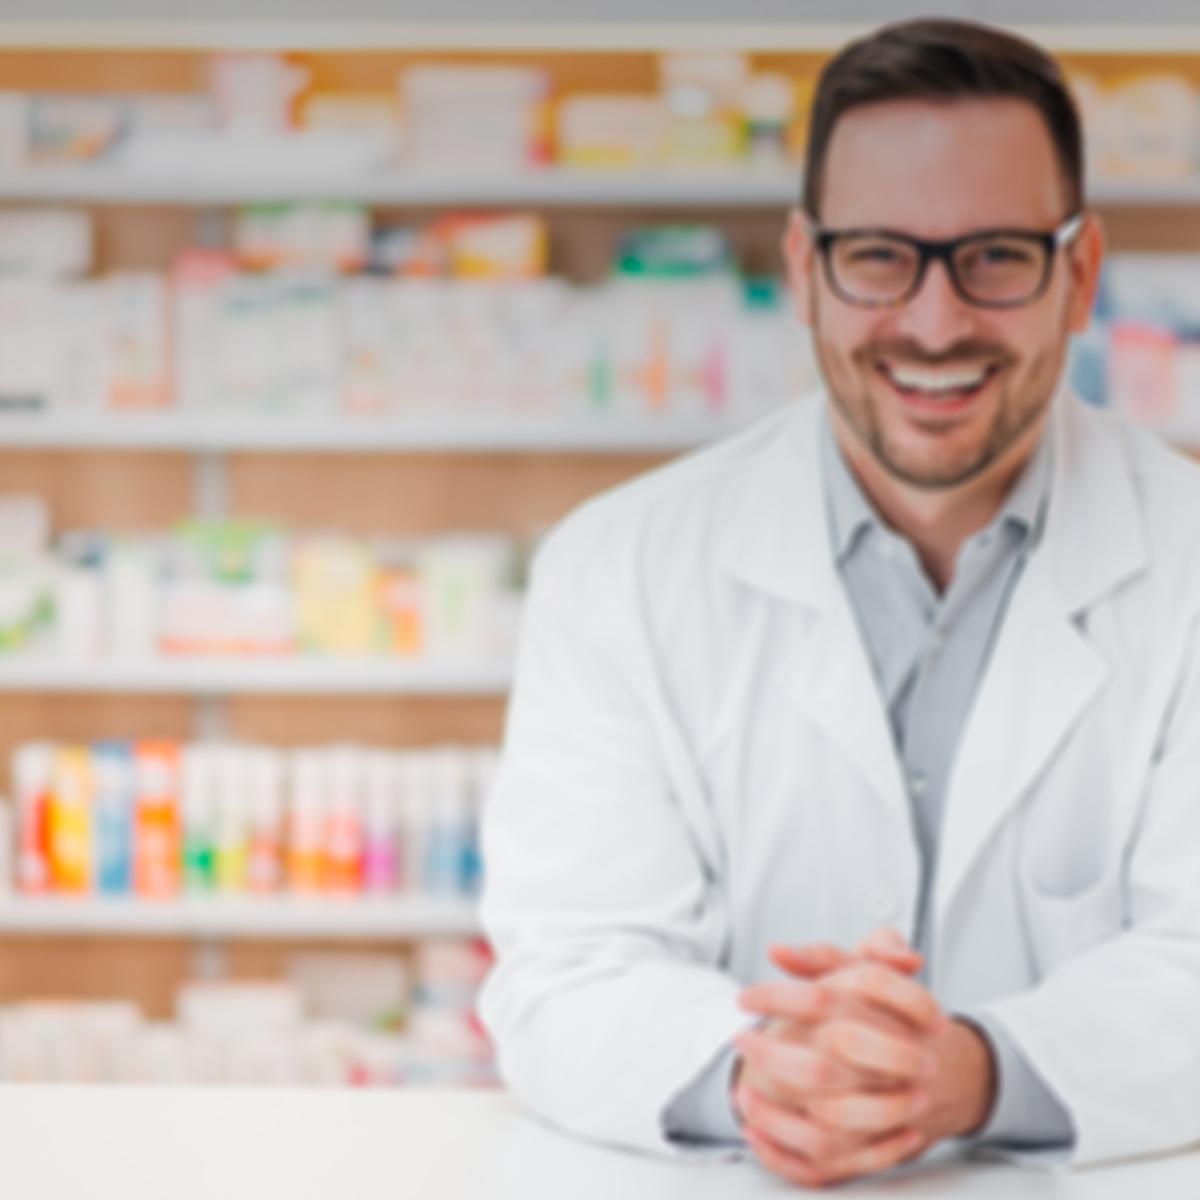 La farmacia non si ferma